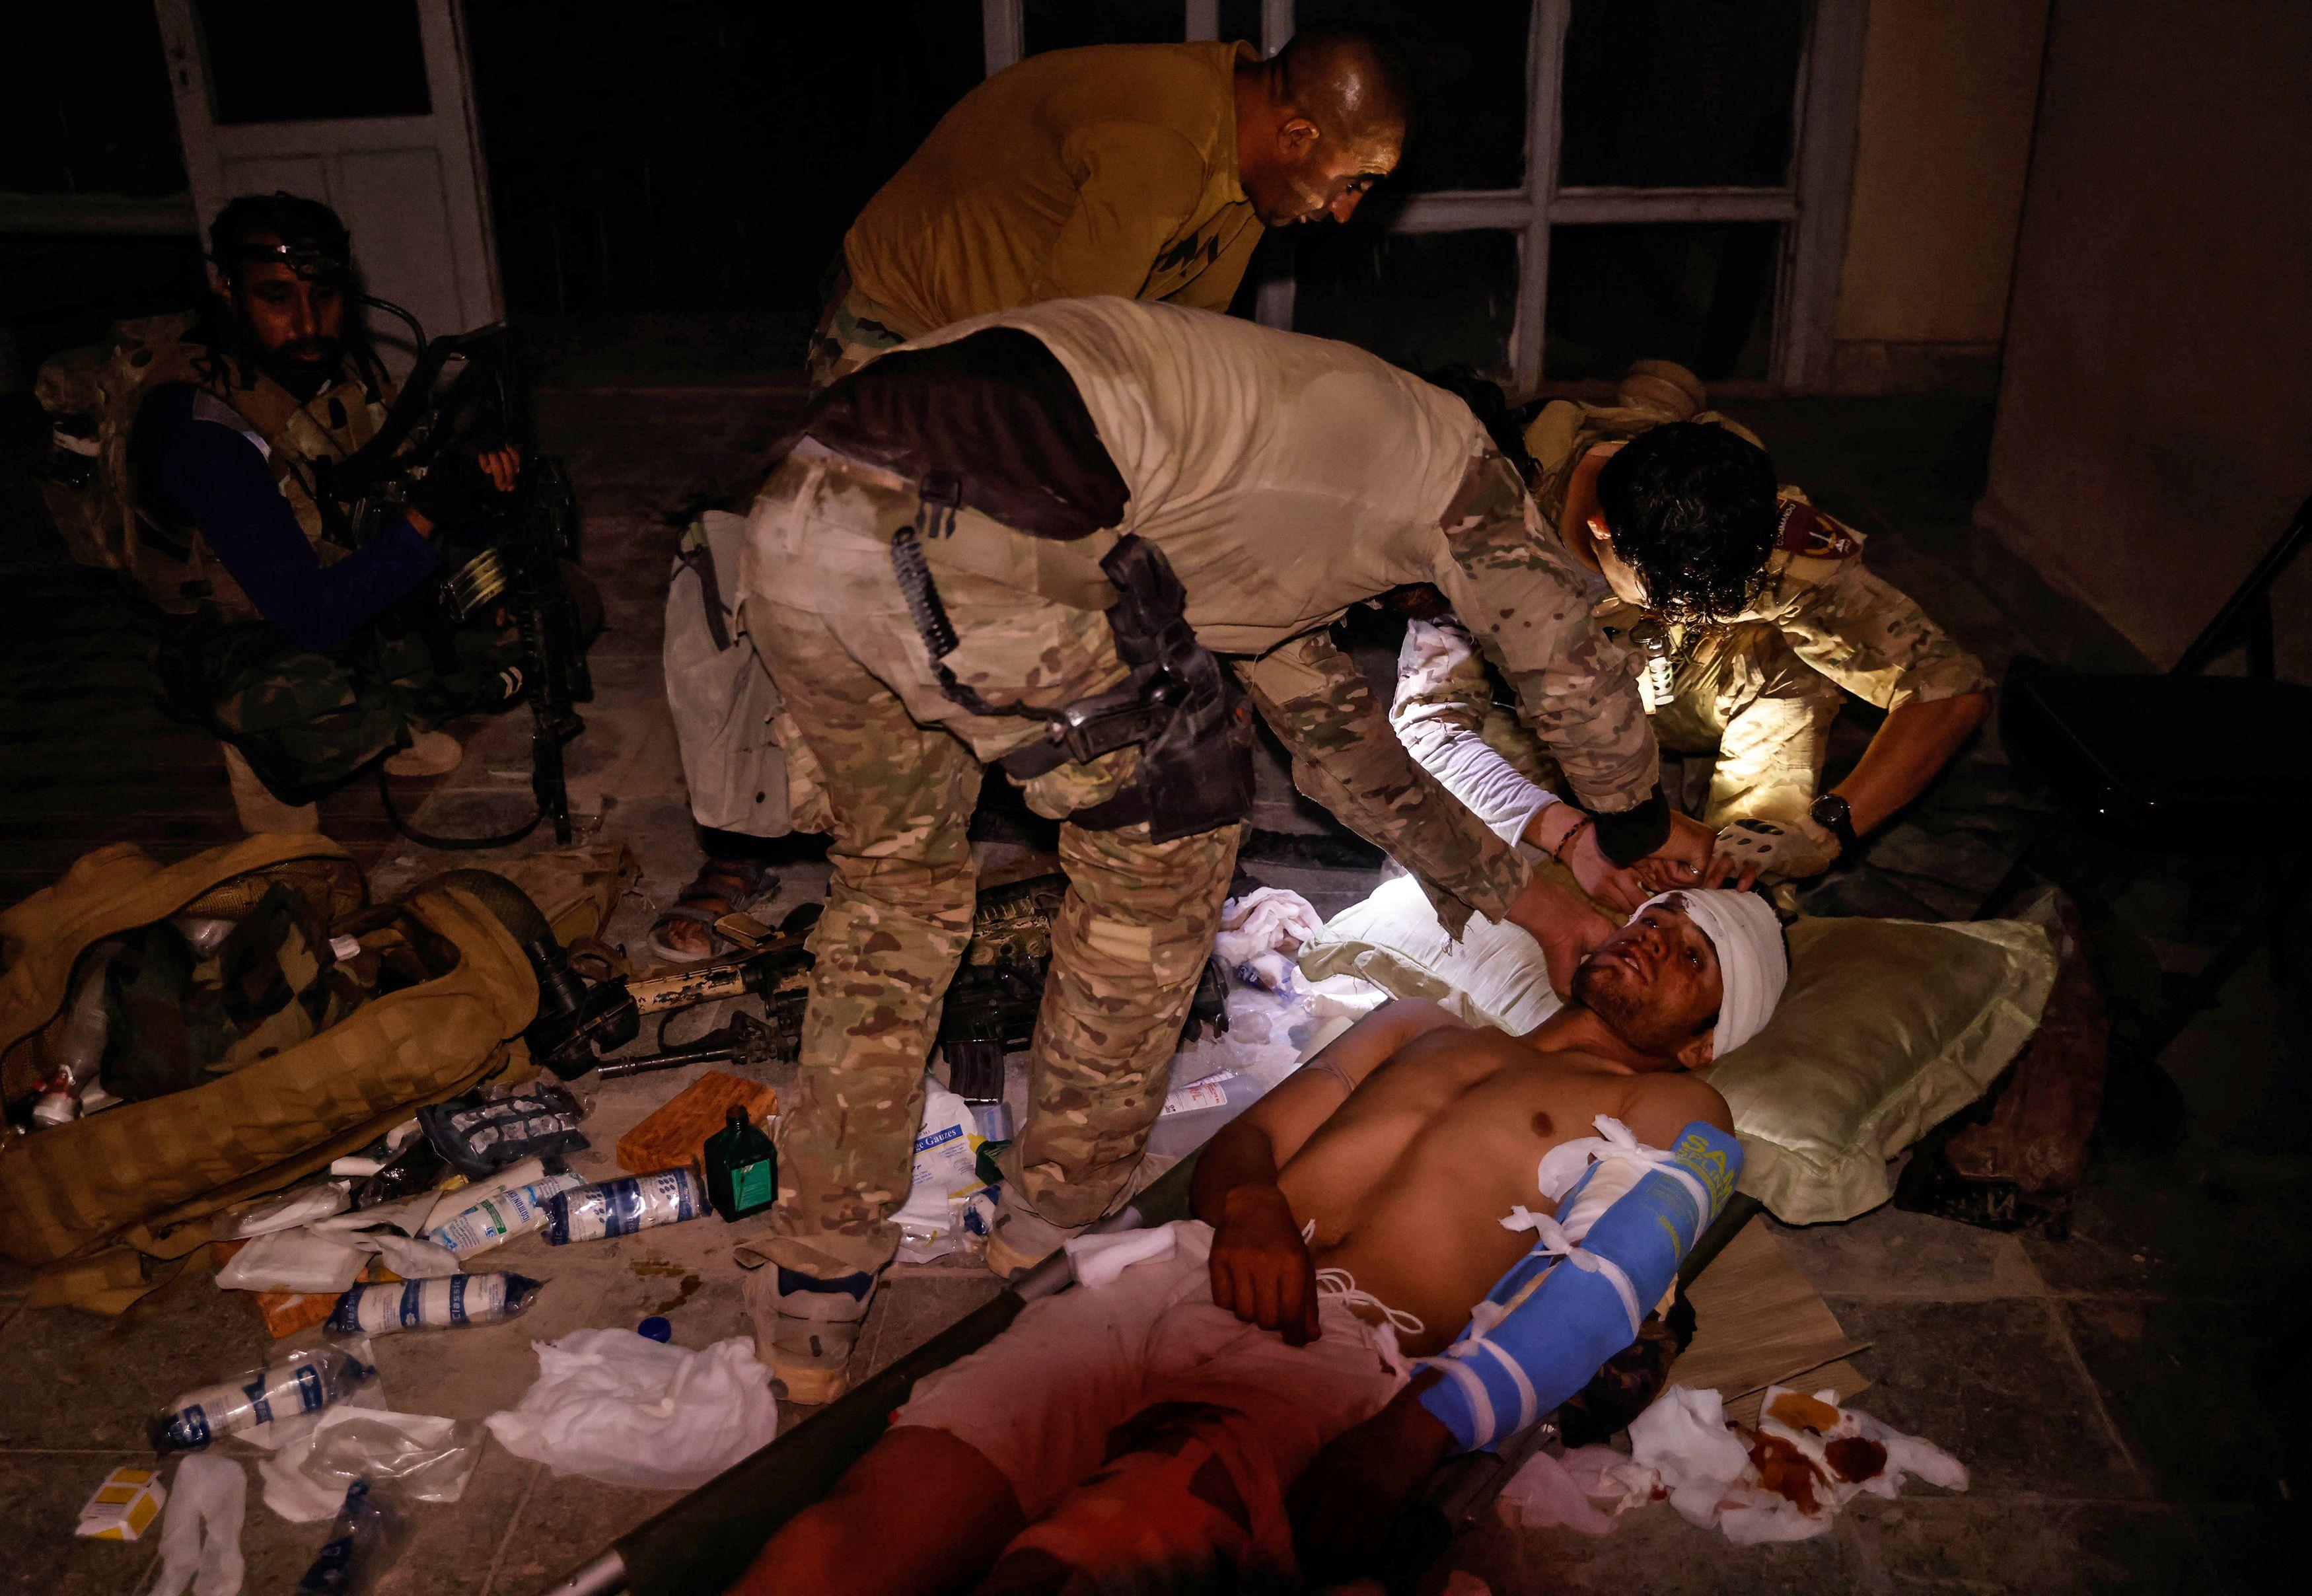 Miembros de las Fuerzas Especiales Afganas atienden a un soldado del Ejército Nacional Afgano herido durante un tiroteo con los talibanes, que intentaron atacar un centro de distrito el domingo, en la provincia de Kandahar, Afganistán, 12 de julio de 2021.